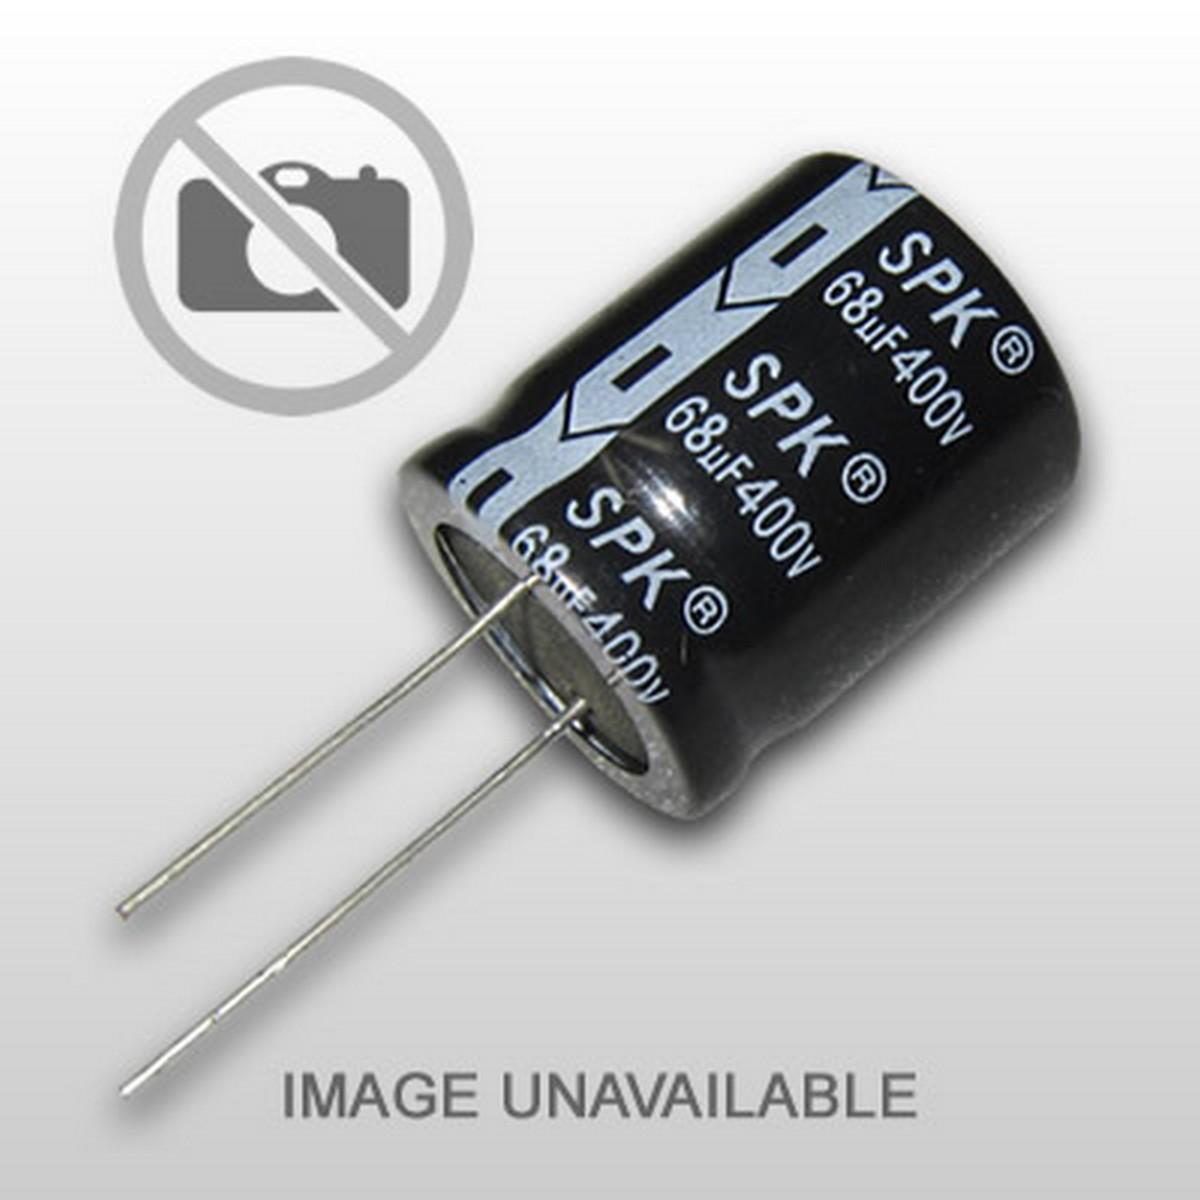 EC 220µF/200V